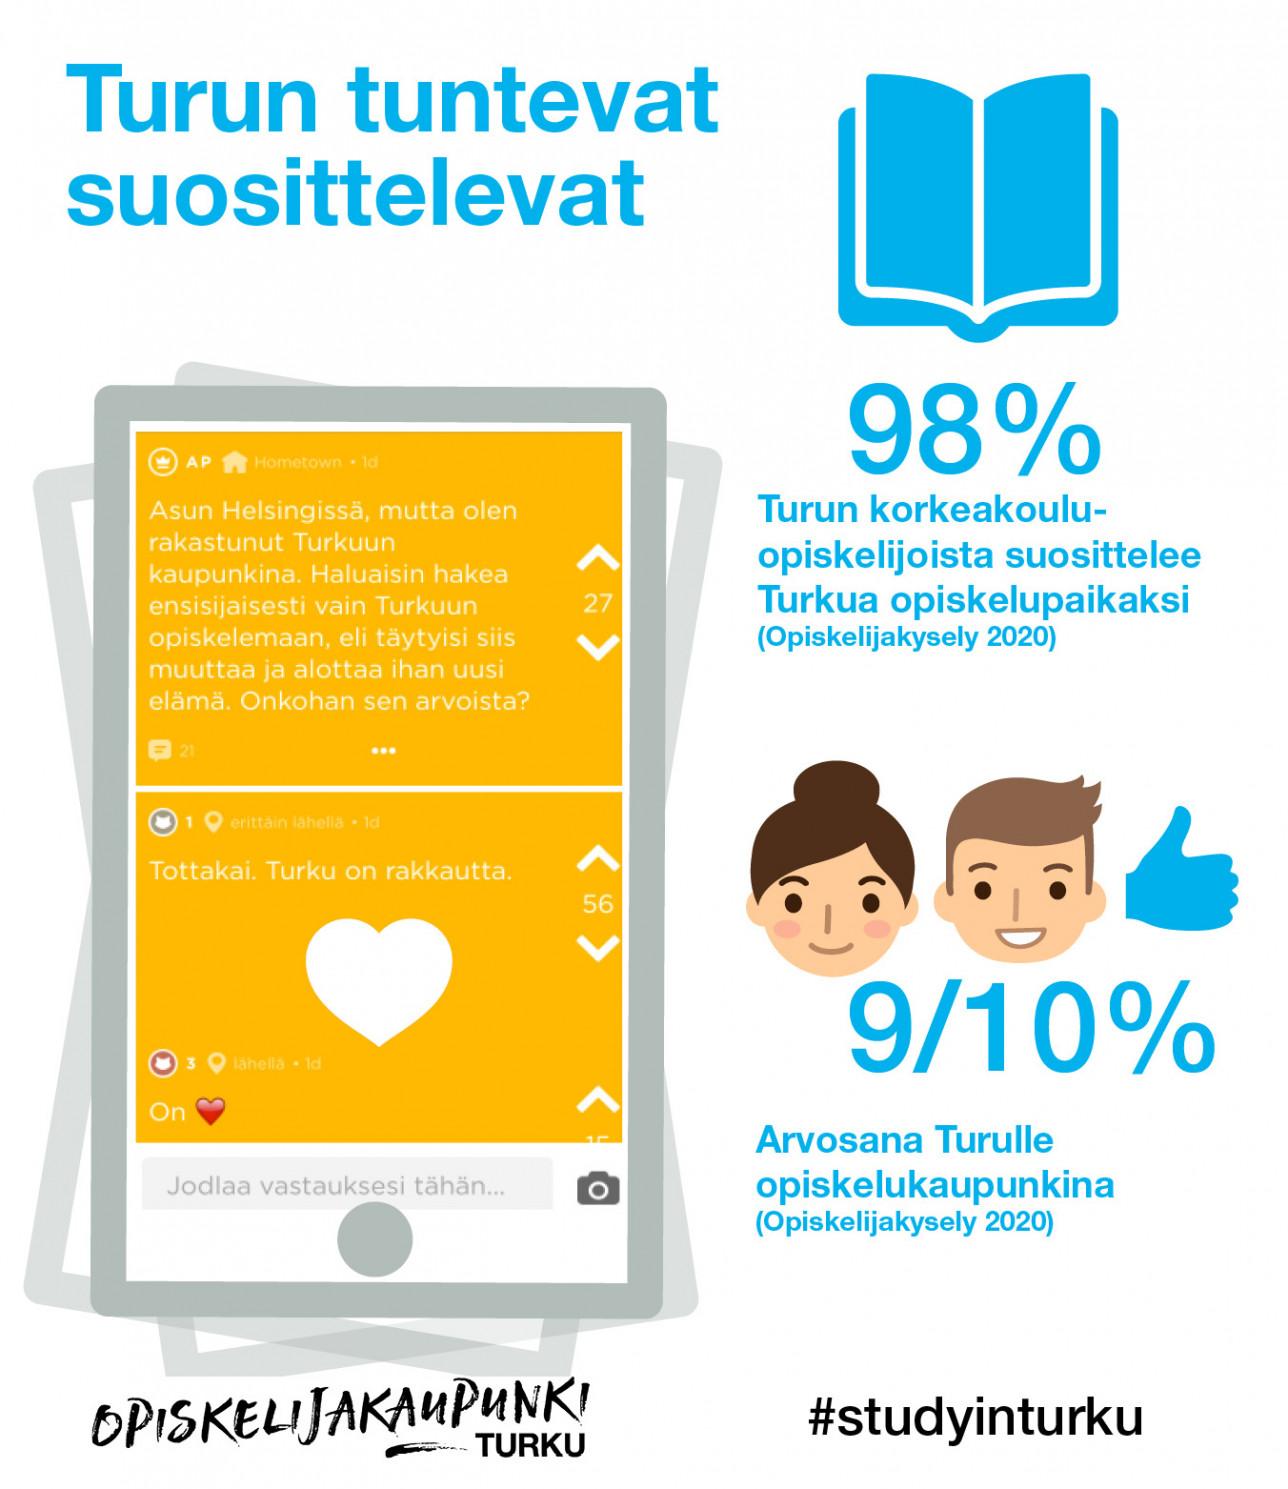 Opiskelijakaupunki Turku suosittelu infograafi 2020